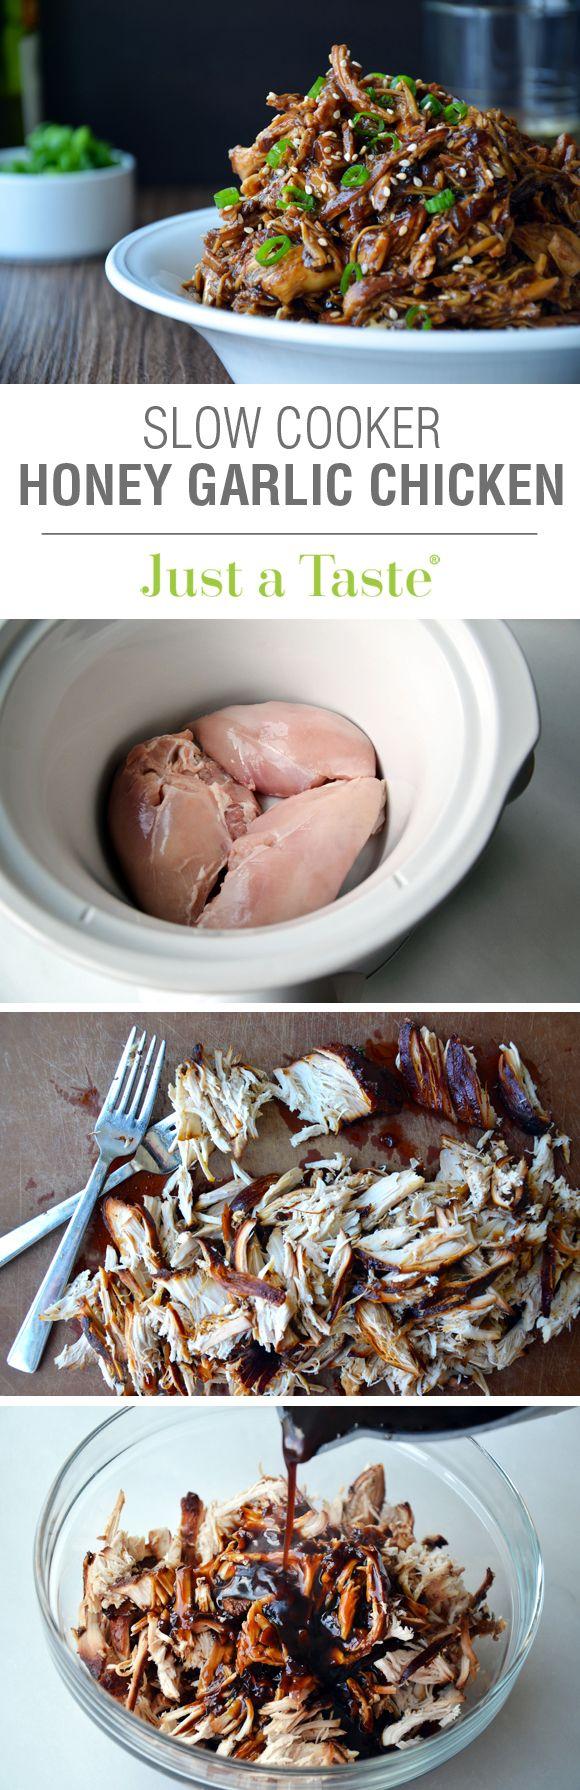 Slow Cooker Honey Garlic Chicken #recipe on justataste.com